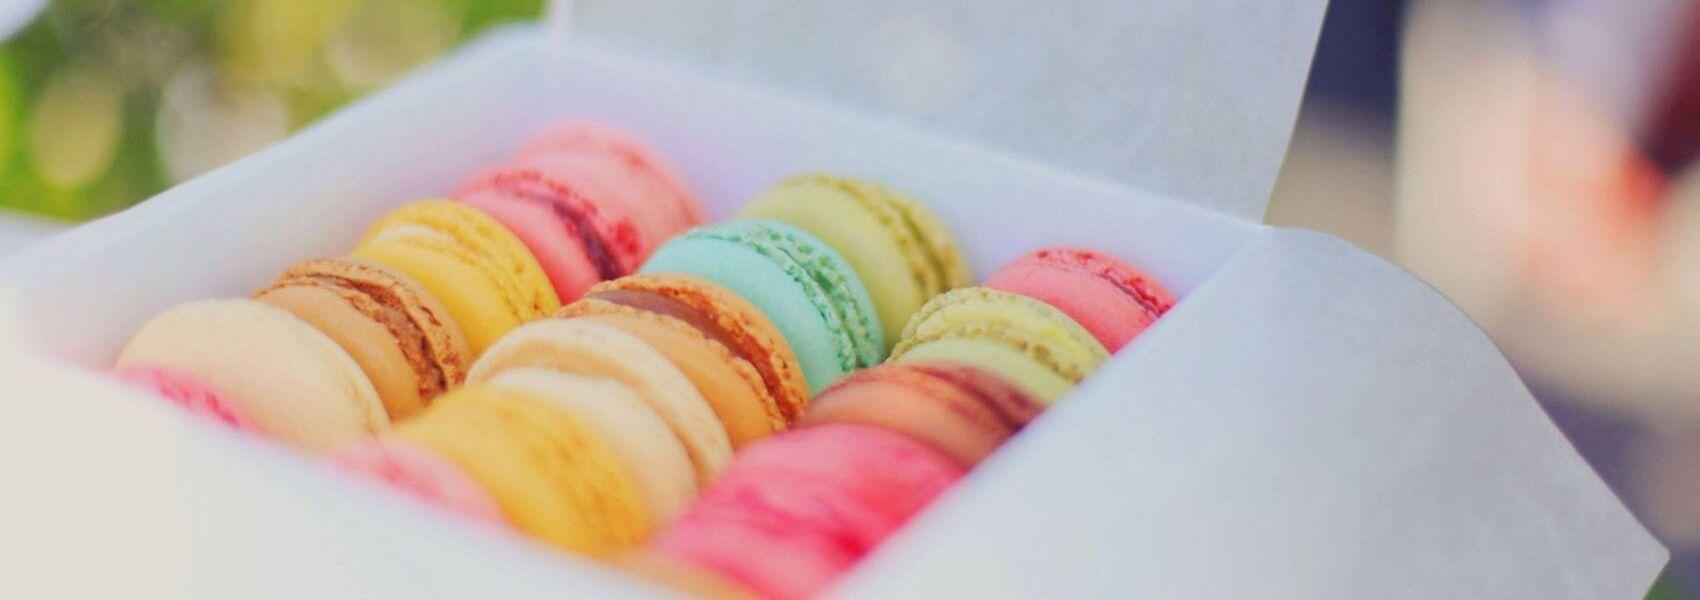 Imposto sobre produtos de pastelaria mais eficaz contra a obesidade